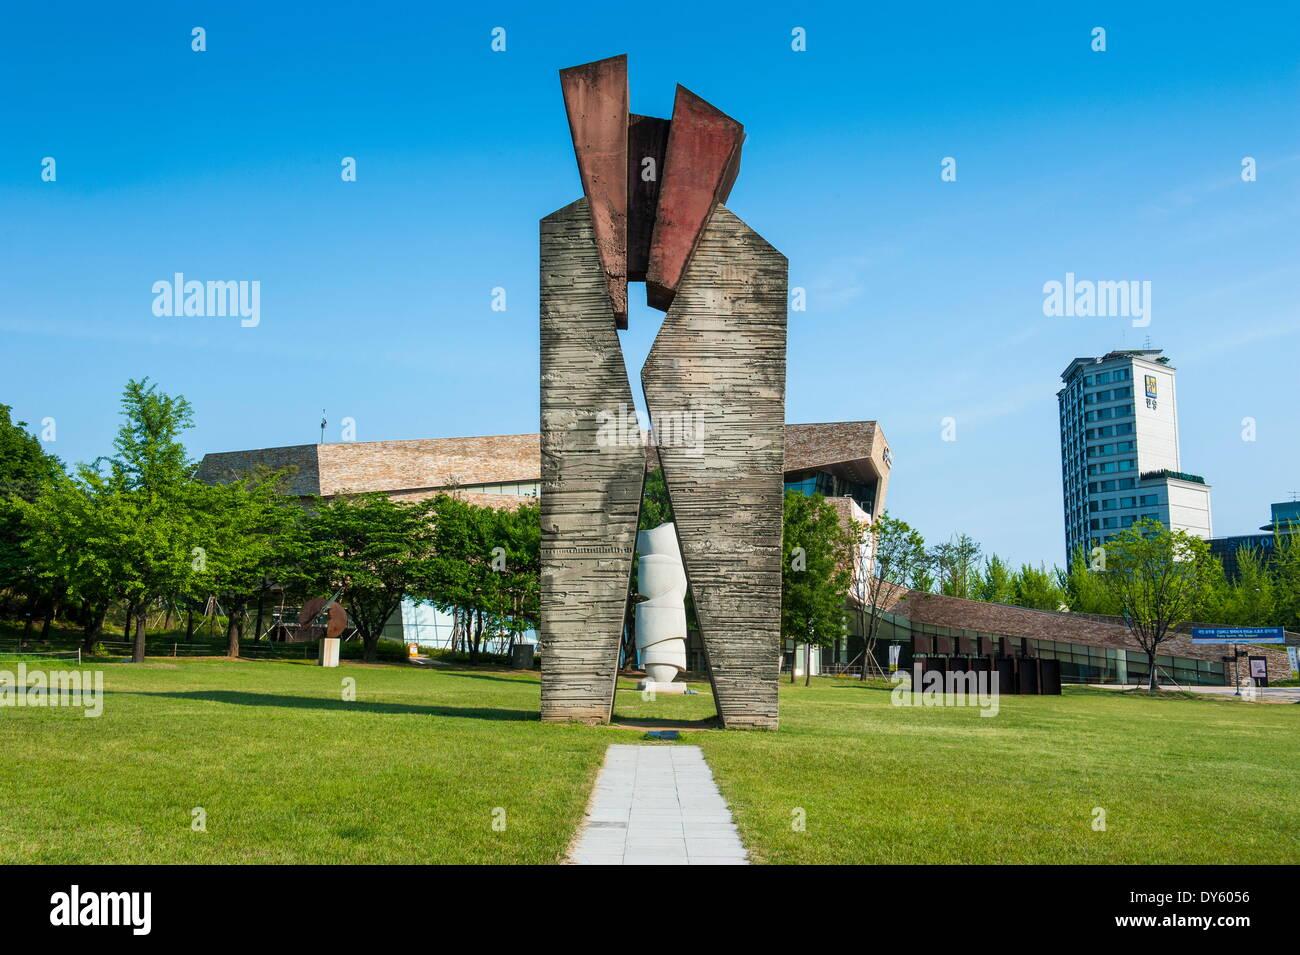 Arte moderna nel Parco Olimpico, Seoul, Corea del Sud, Asia Immagini Stock